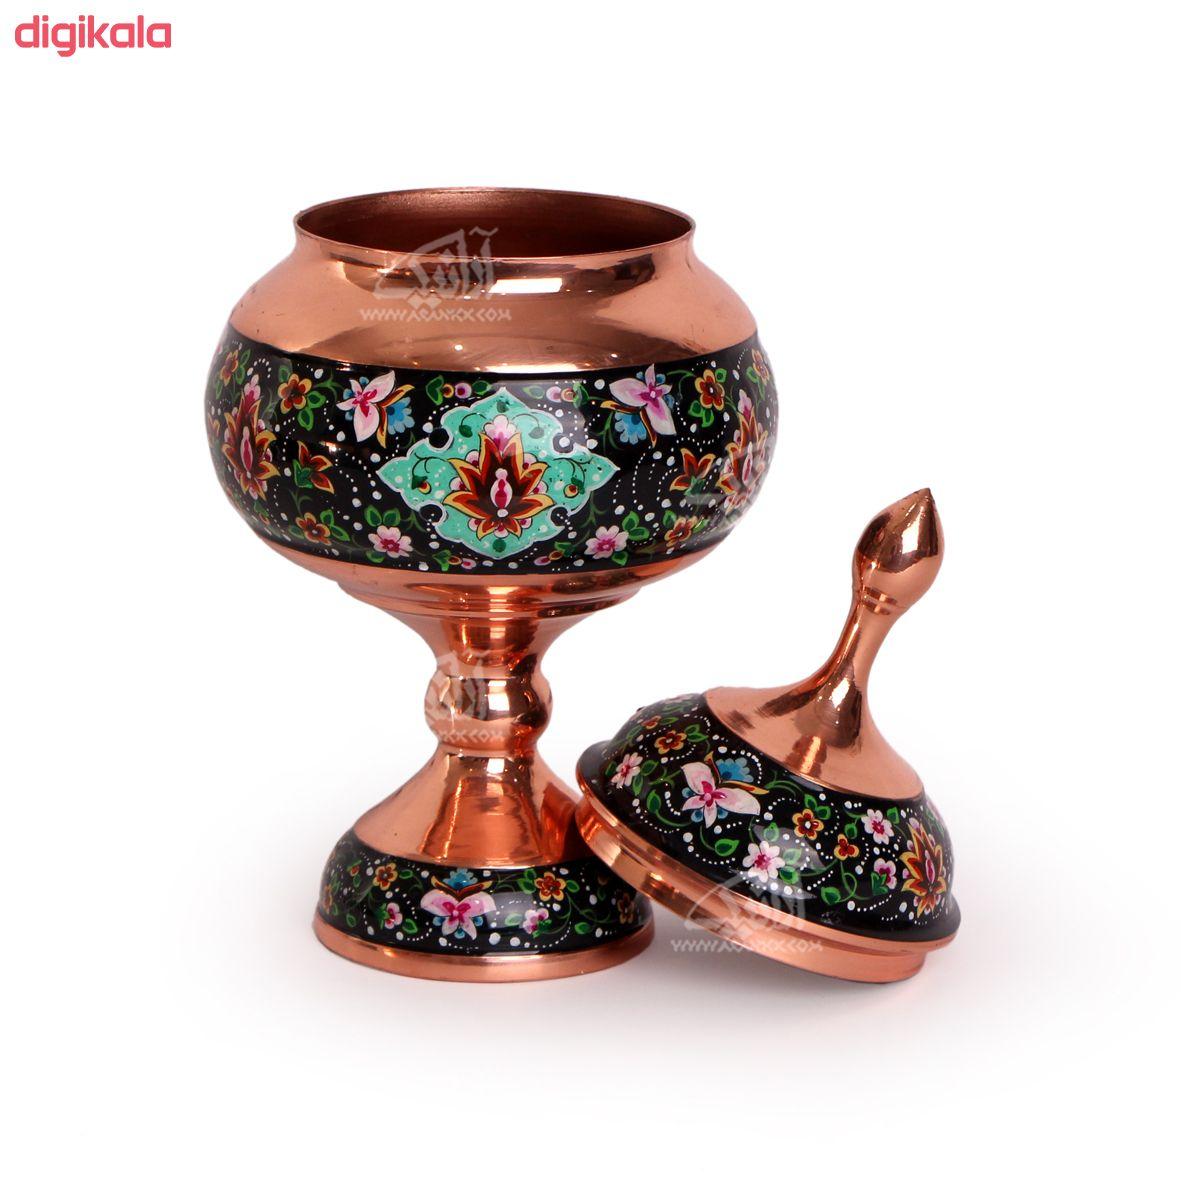 شکلات خوری پایه دار مس و پرداز رنگ مشکی  طرح شاه عباسی  مدل 1001200044 main 1 3